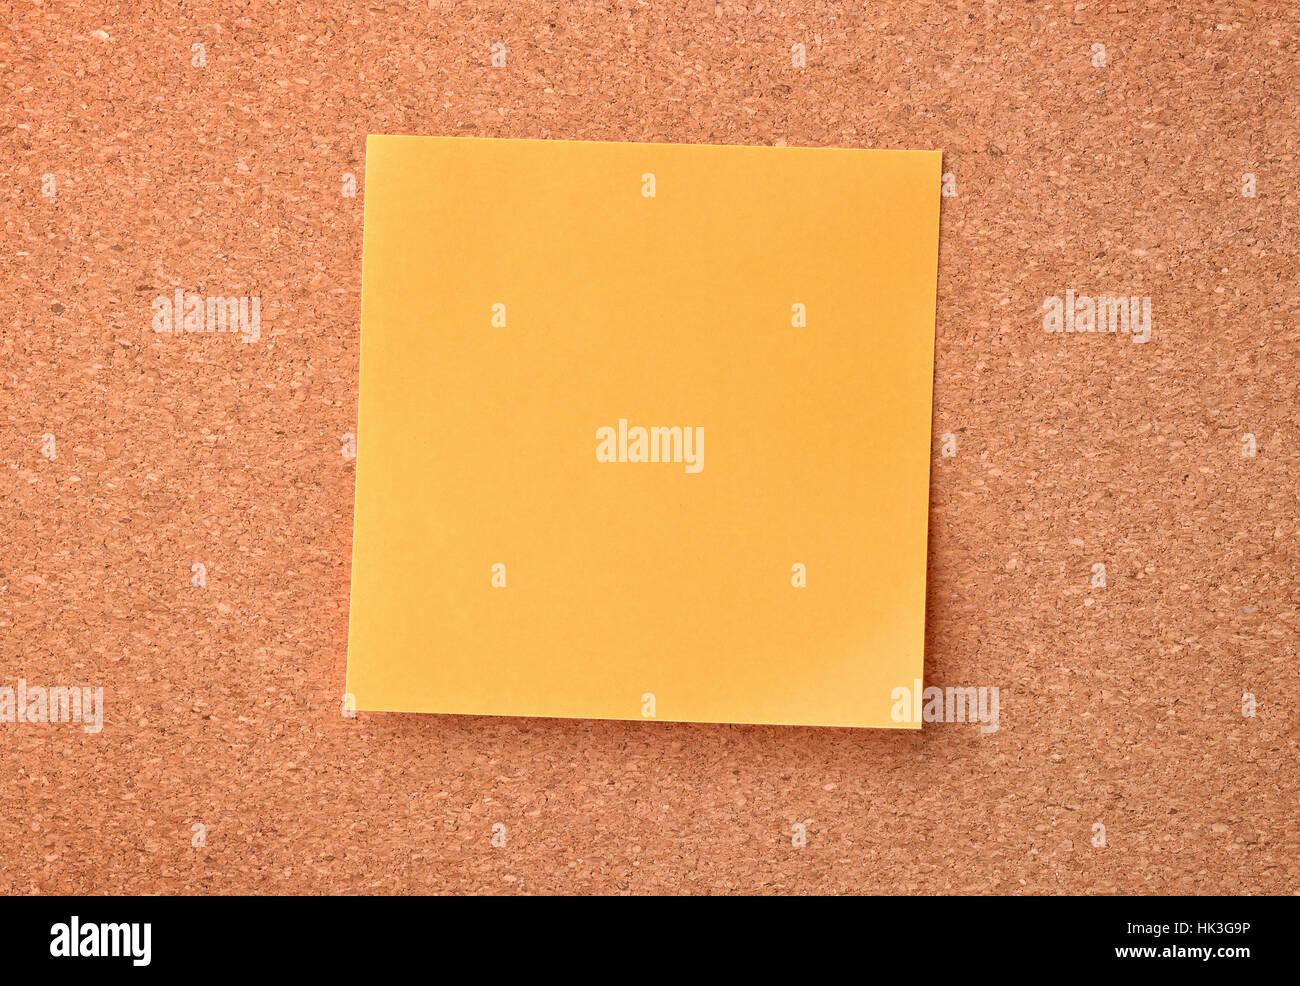 Arancio nota adesiva sulla bacheca di sughero Immagini Stock